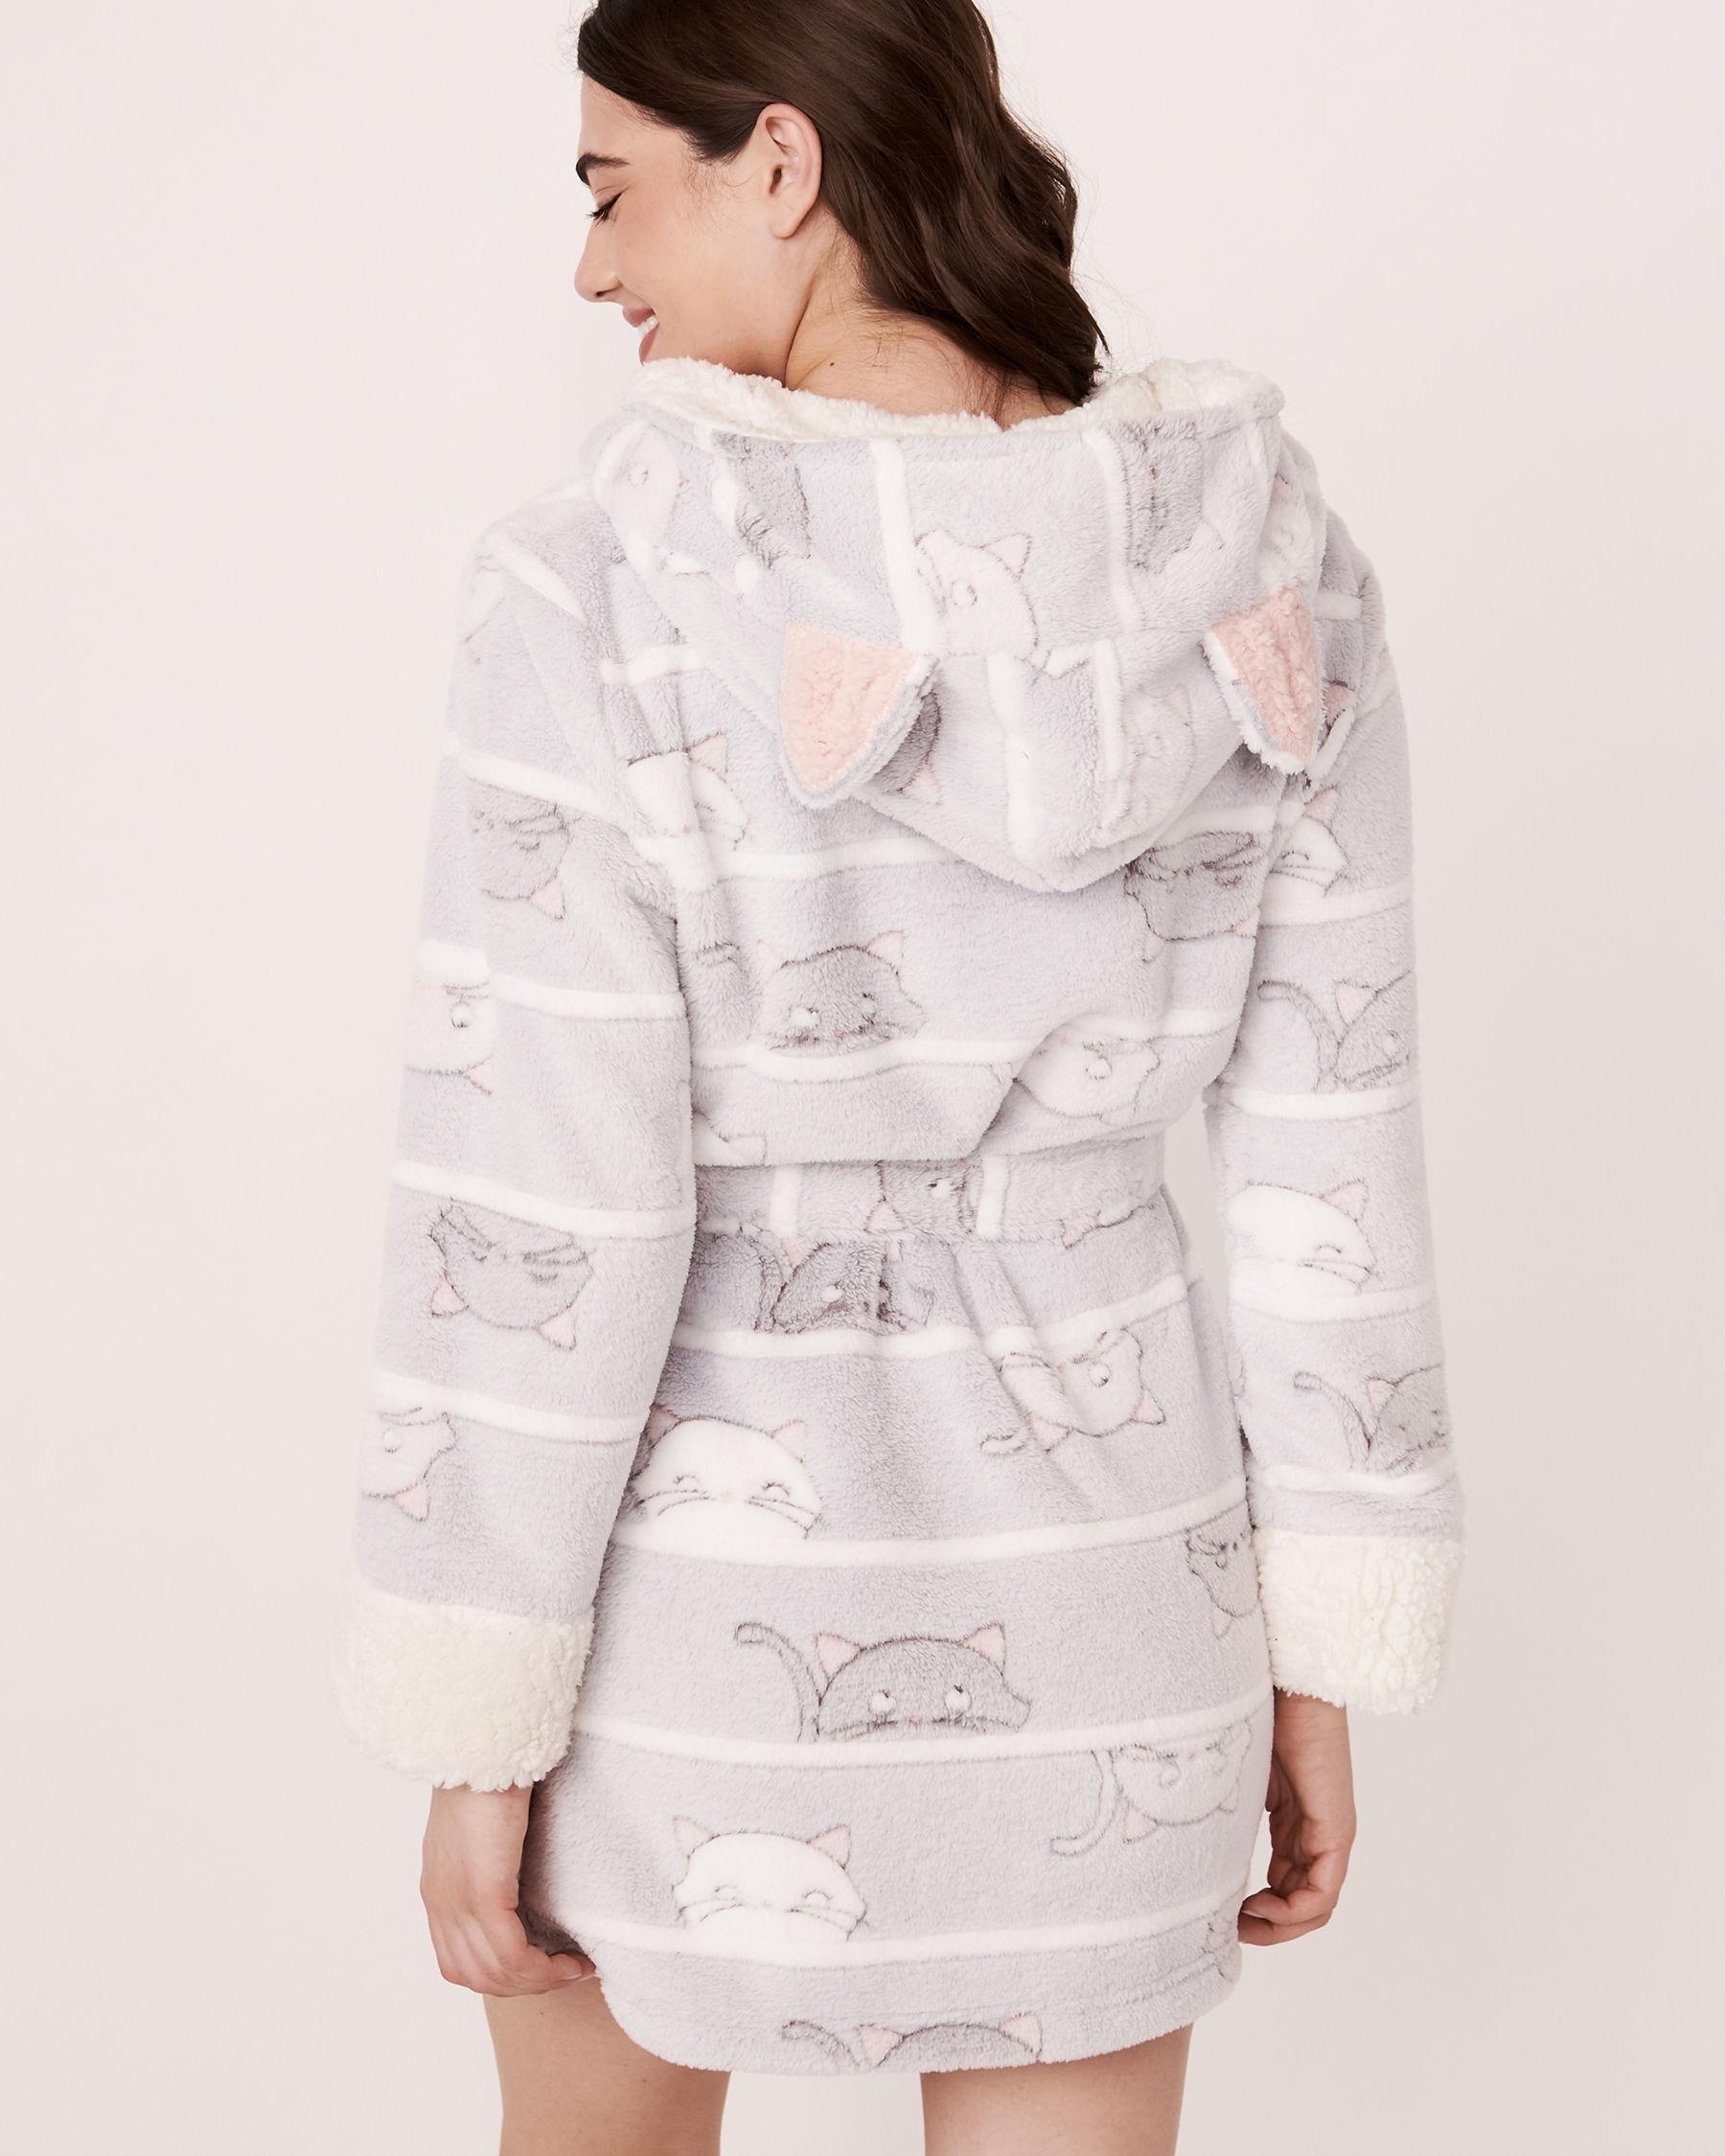 LA VIE EN ROSE Ultra Soft Plush Robe Cats 40600023 - View3